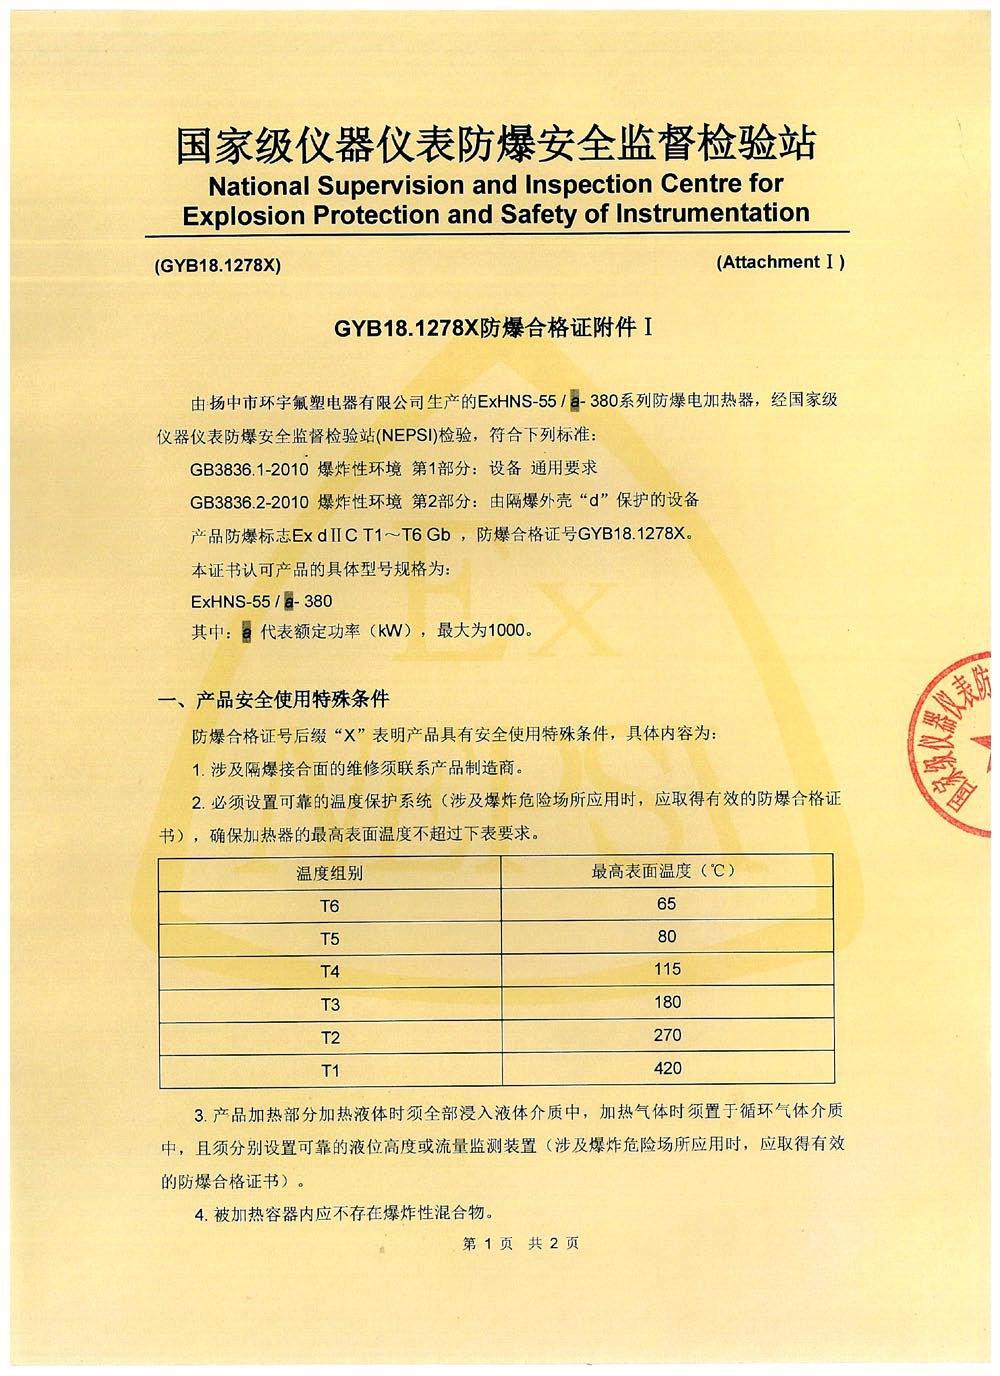 防爆合格证附件